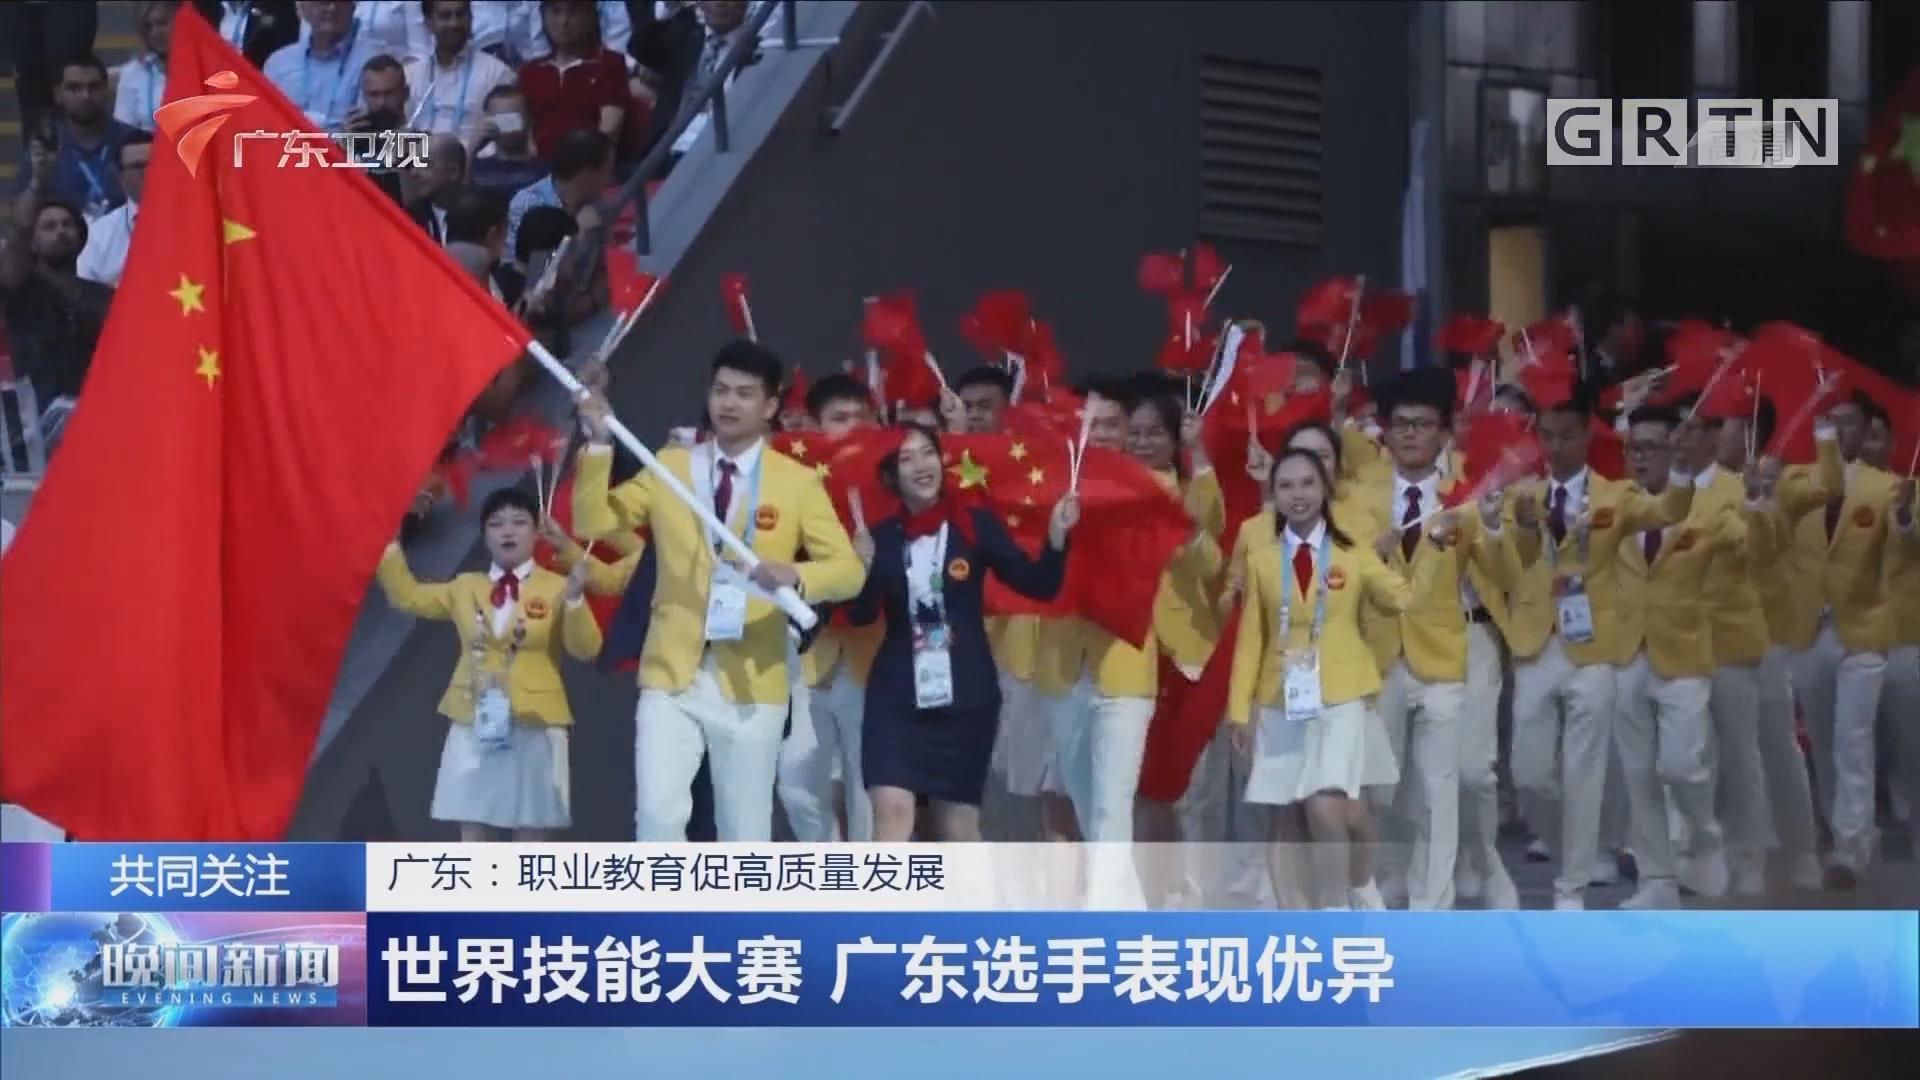 广东:职业教育促高质量发展 世界技能大赛 广东选手表现优异